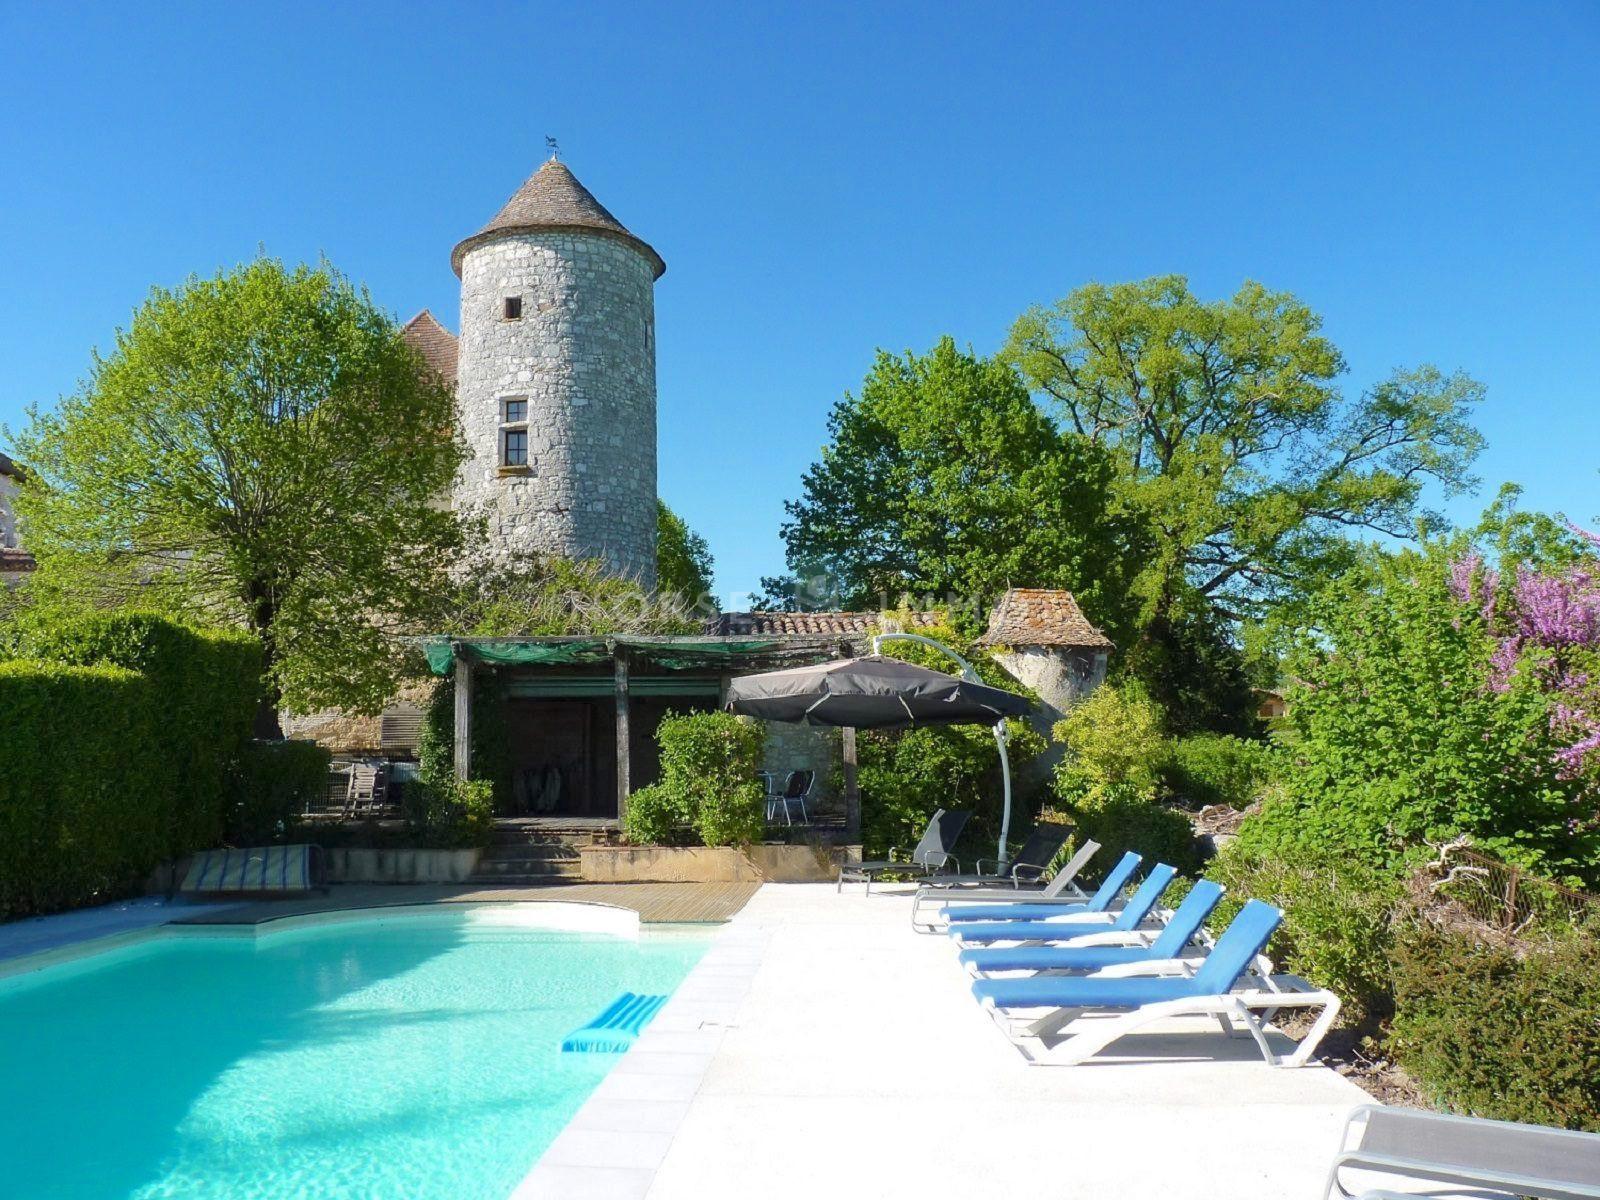 1615973481 VM1712 11 original - Château de 340m² sur 3.5ha à 15 min de Bergerac